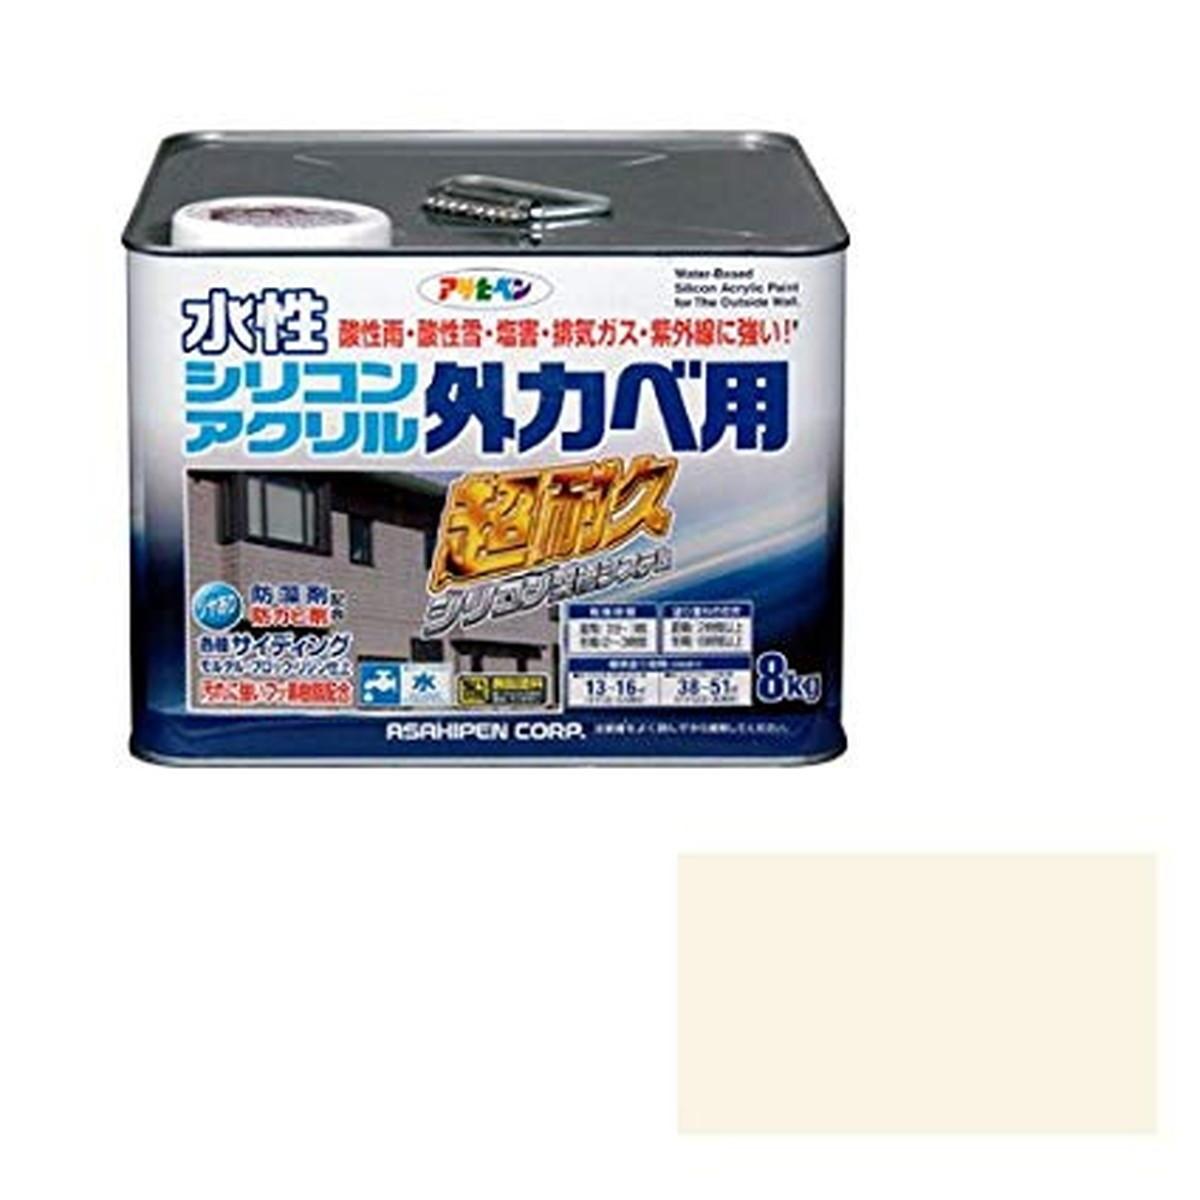 アサヒペン 水性シリコンアクリル外かべ用 アイボリー 8kg【クーポン配布中】